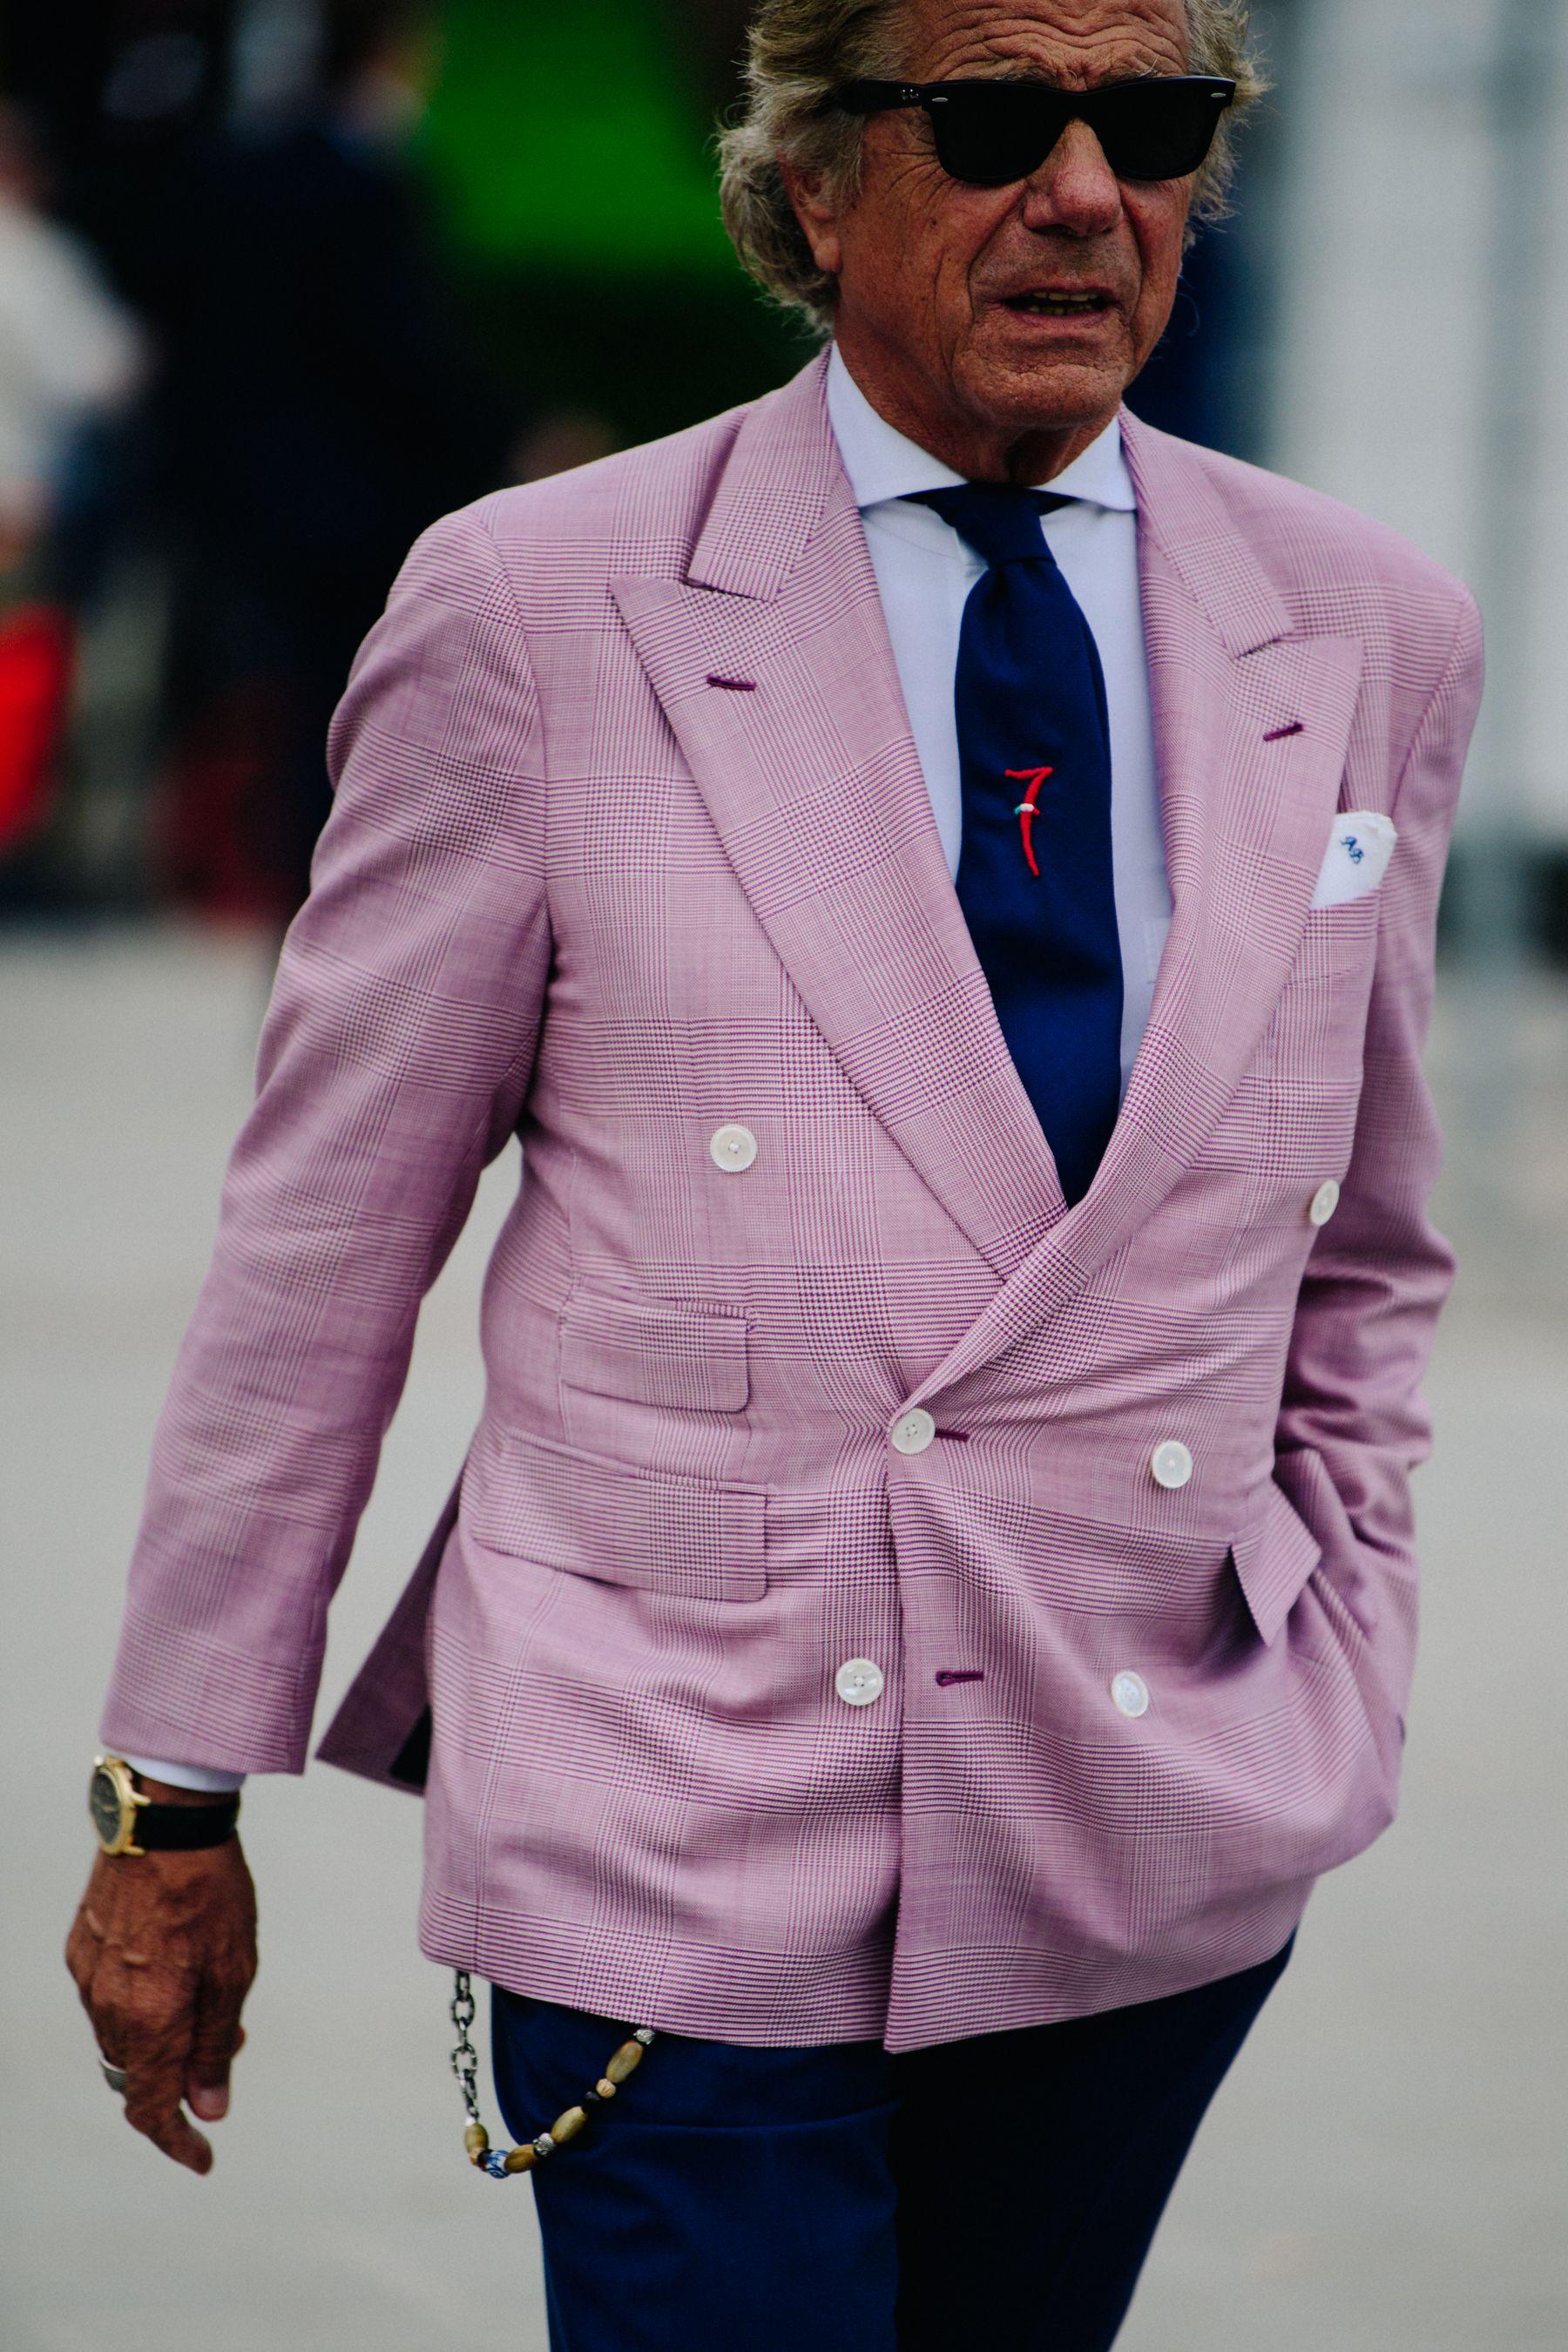 Vestiti Eleganti Firenze.Le 21eme Lino Ieluzzi Florence Con Immagini Pitta